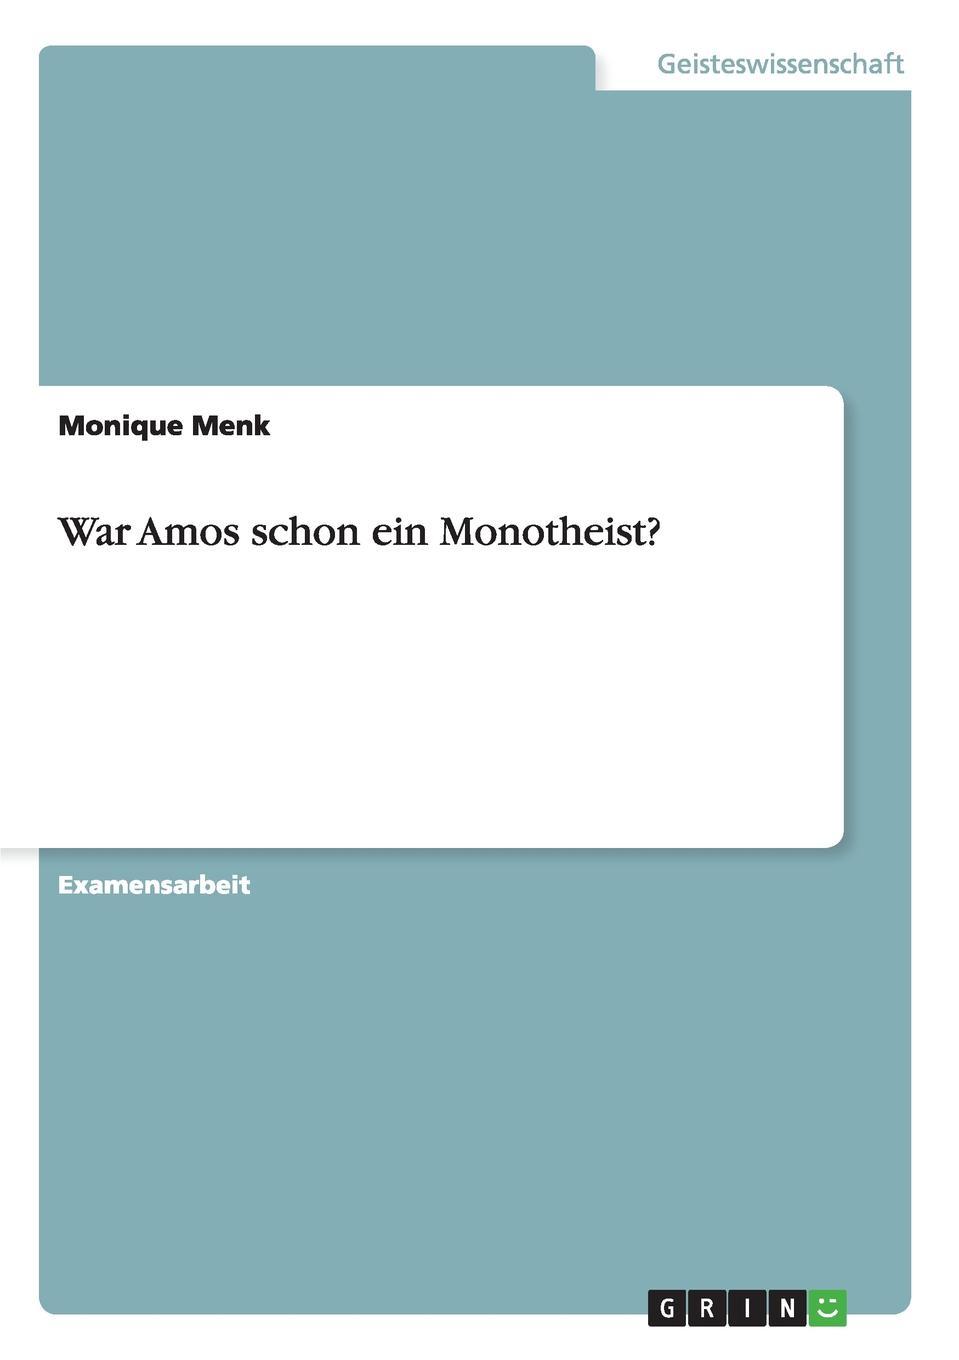 War Amos schon ein Monotheist.